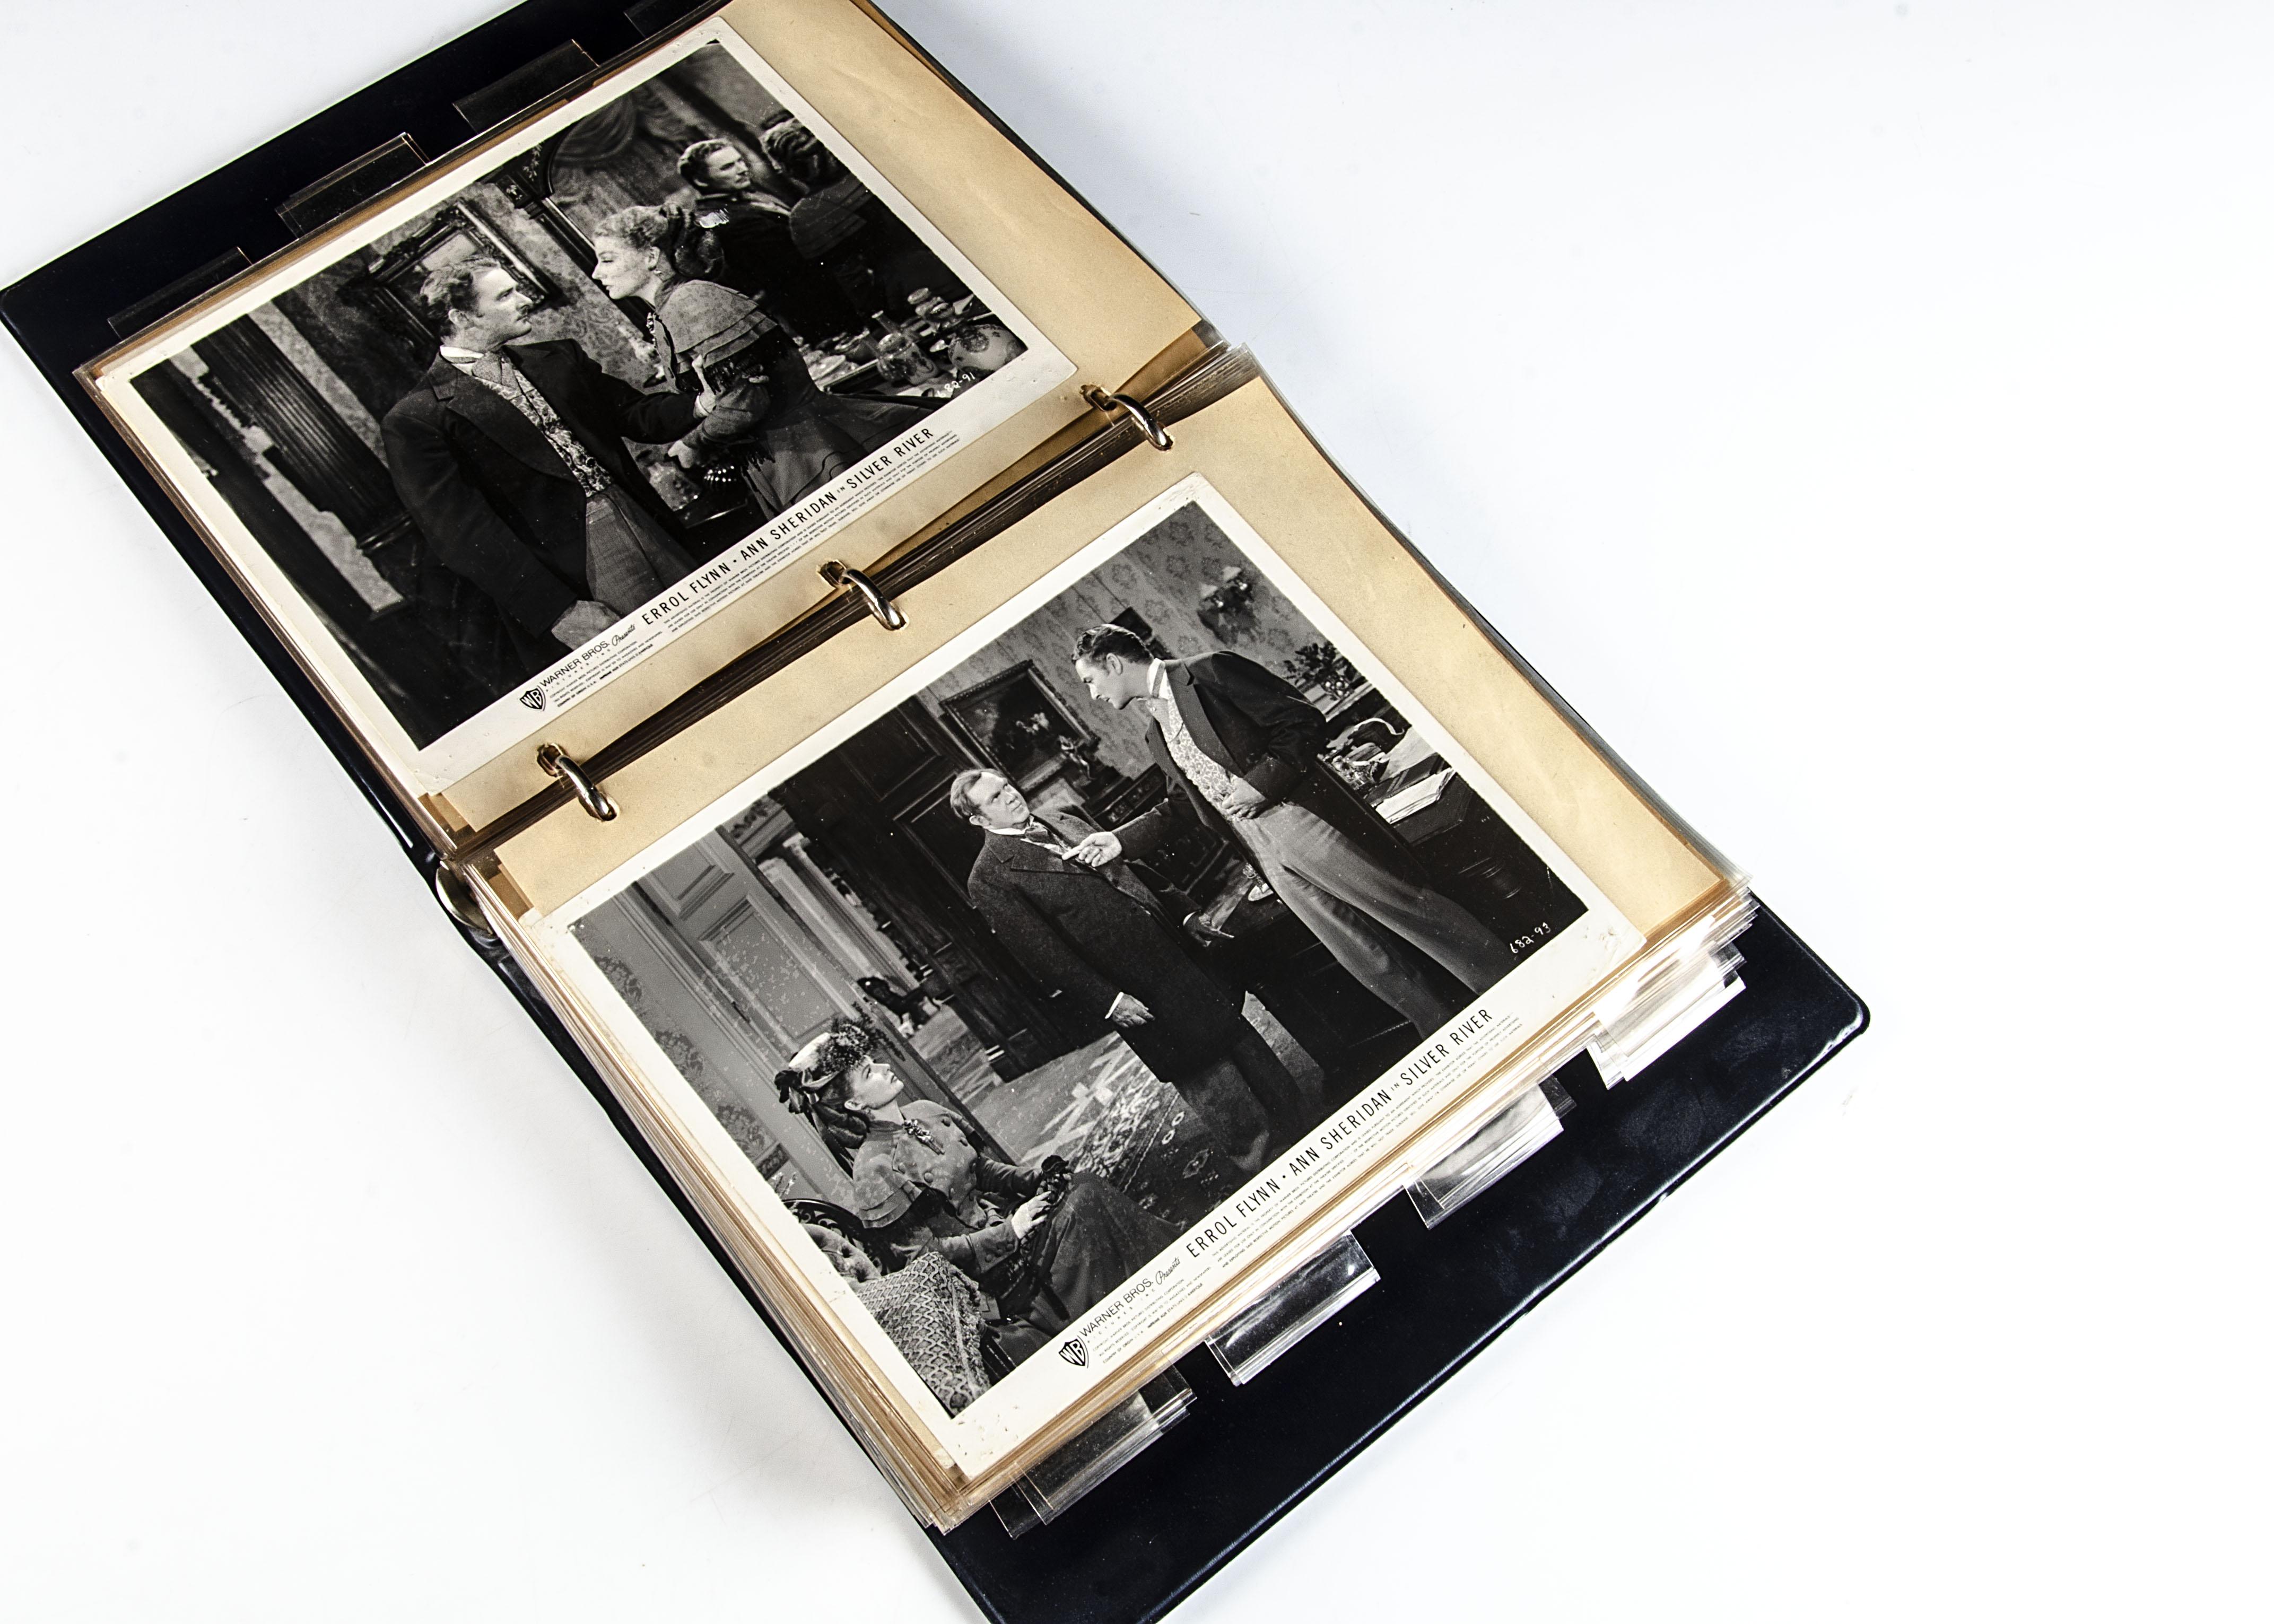 Errol Flynn Film Stills, approximately eighty b/w stills from Errol Flynn Western films that